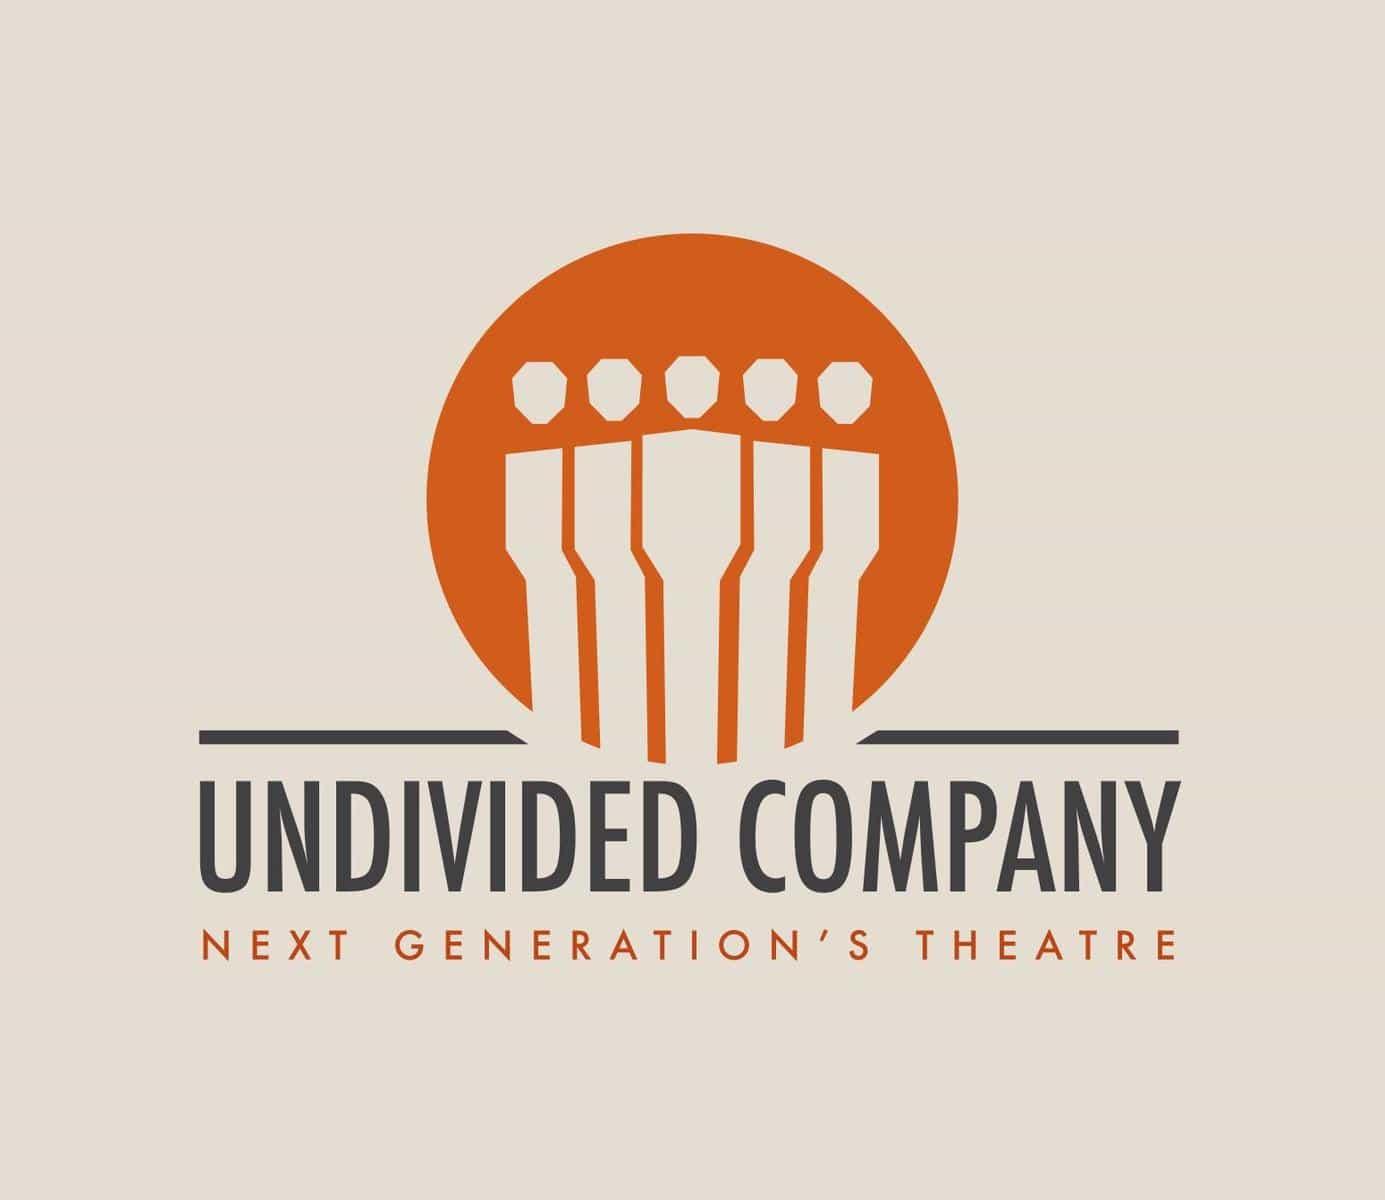 Undivided Company